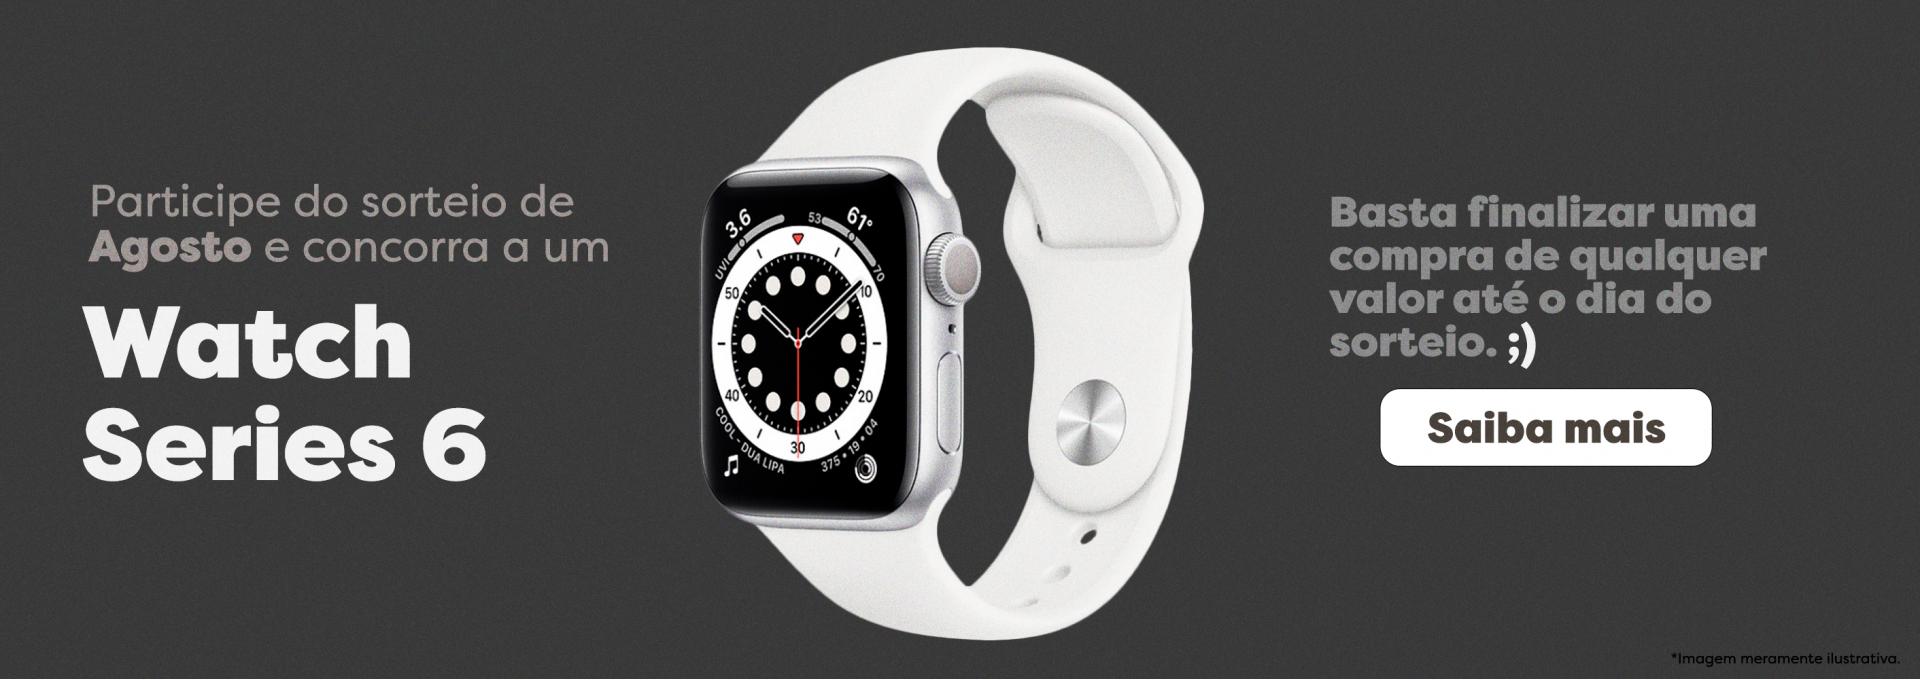 Sorteio watch